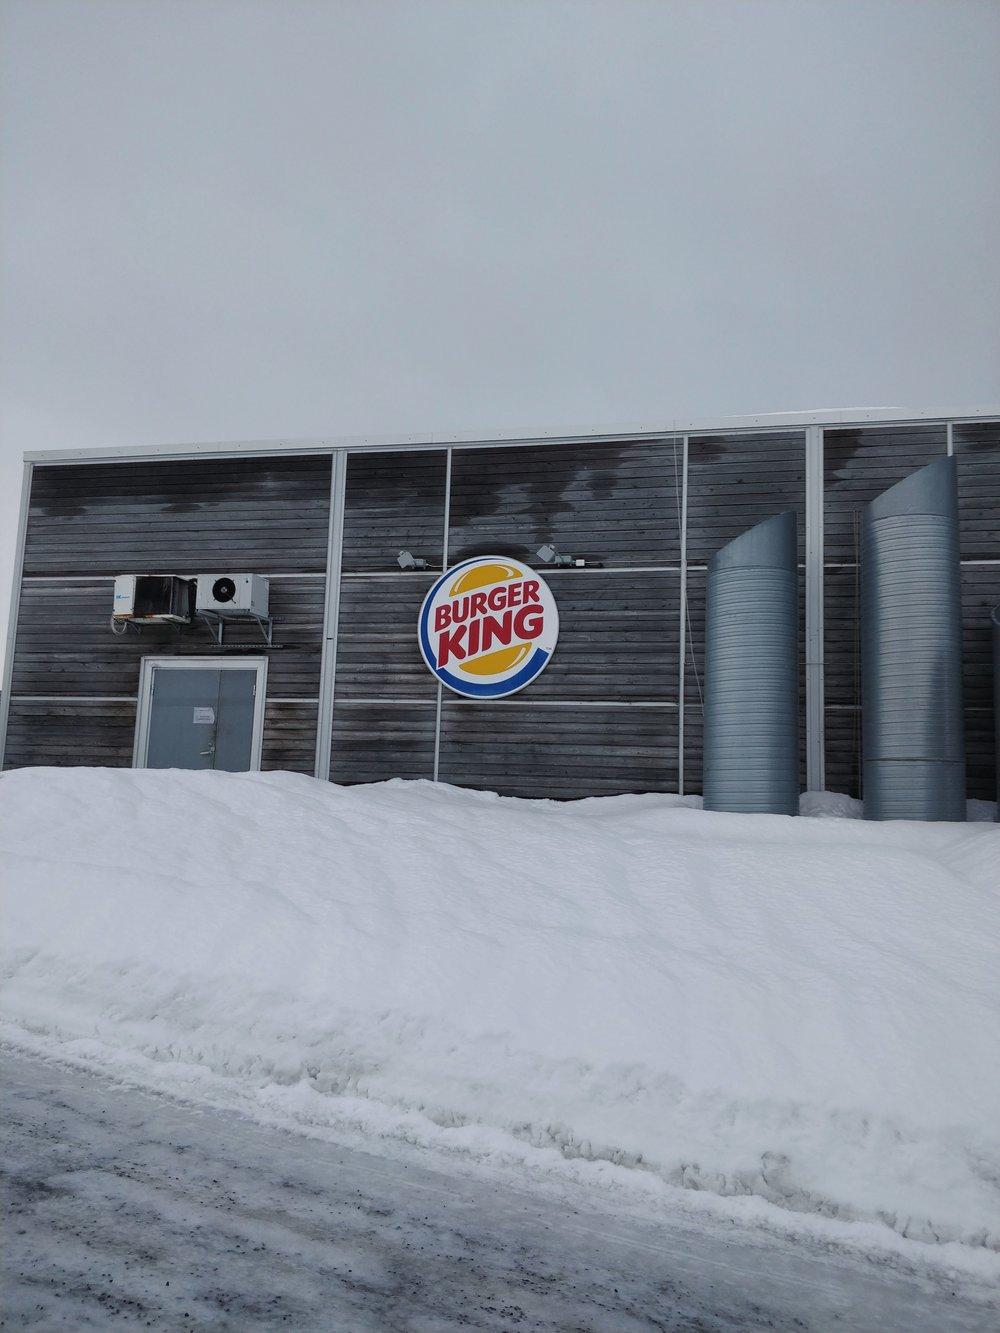 Verdas nordligaste BK/Northernmost Burger King in the world